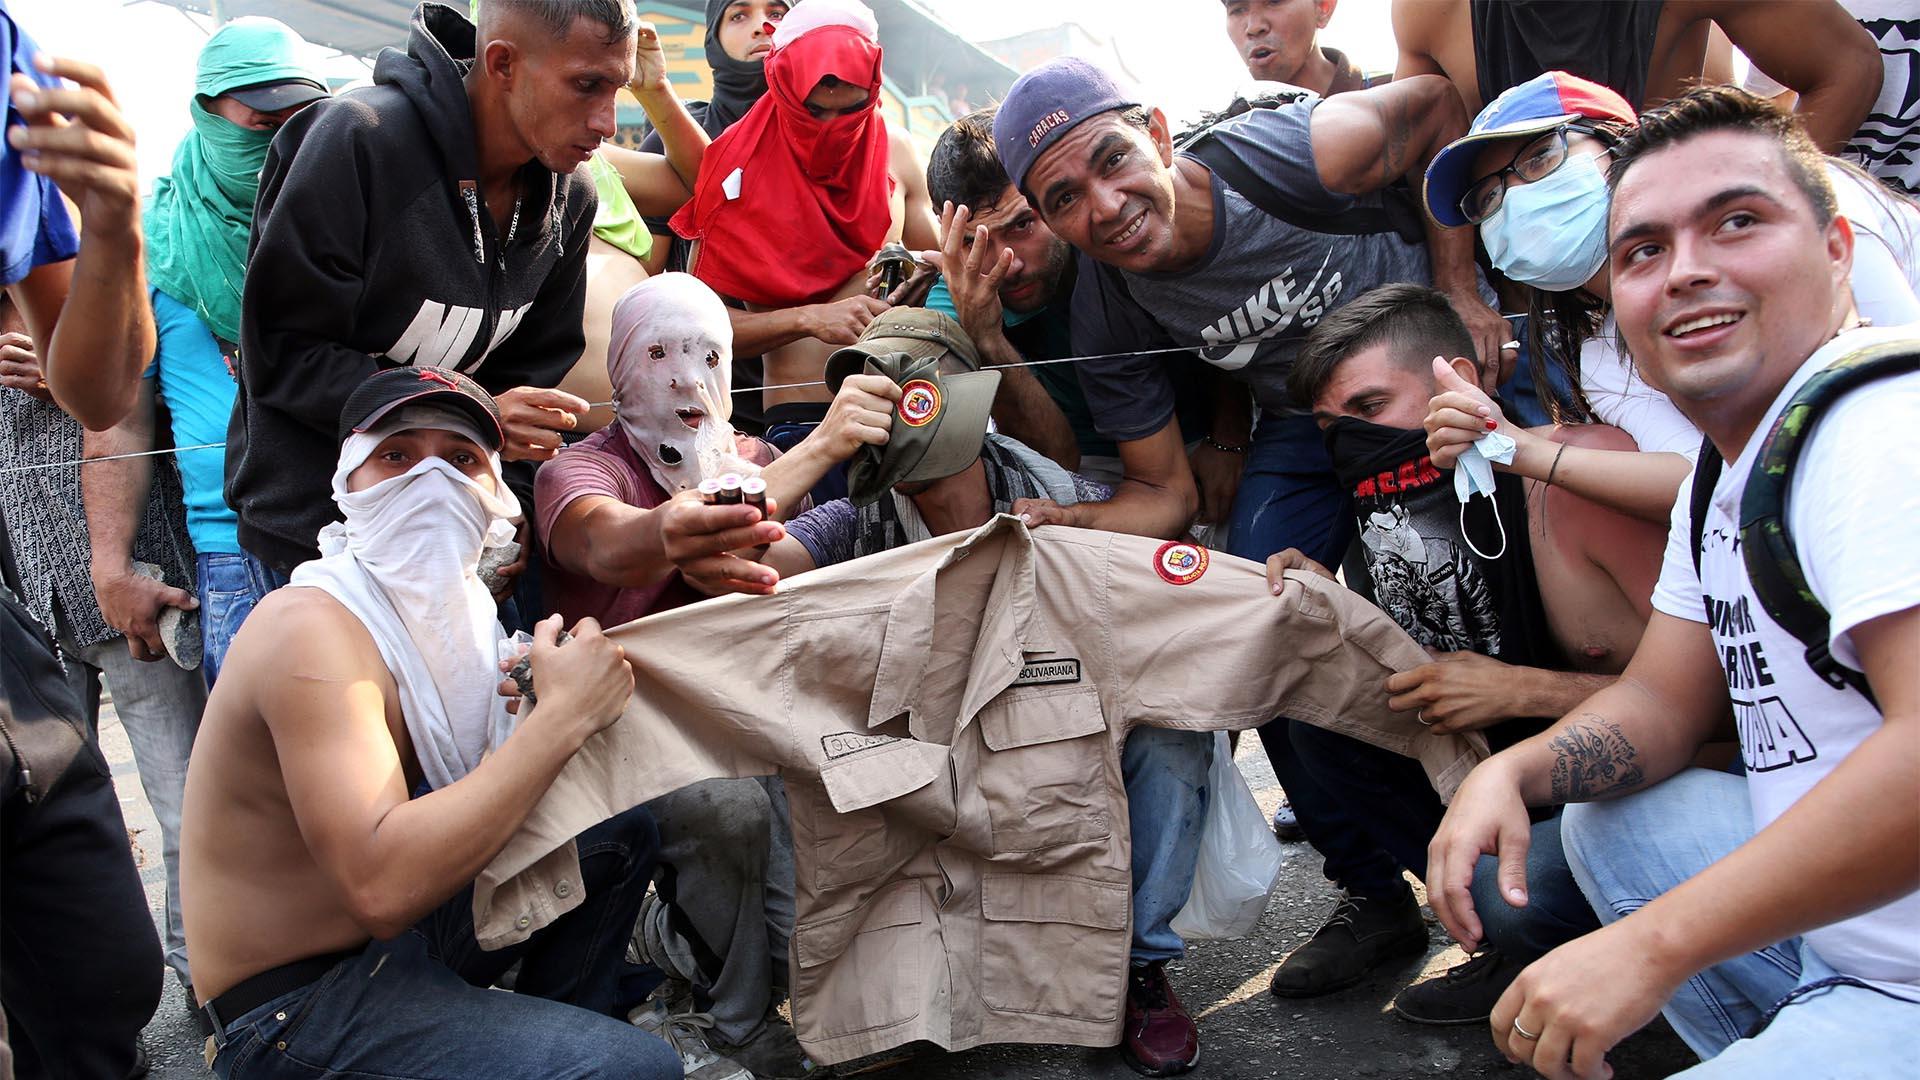 Manifestantes posan para una foto con la ropa de la milicia de un hombre venezolano mientras se enfrentan a las fuerzas de seguridad en Urena, Venezuela (Reuters)